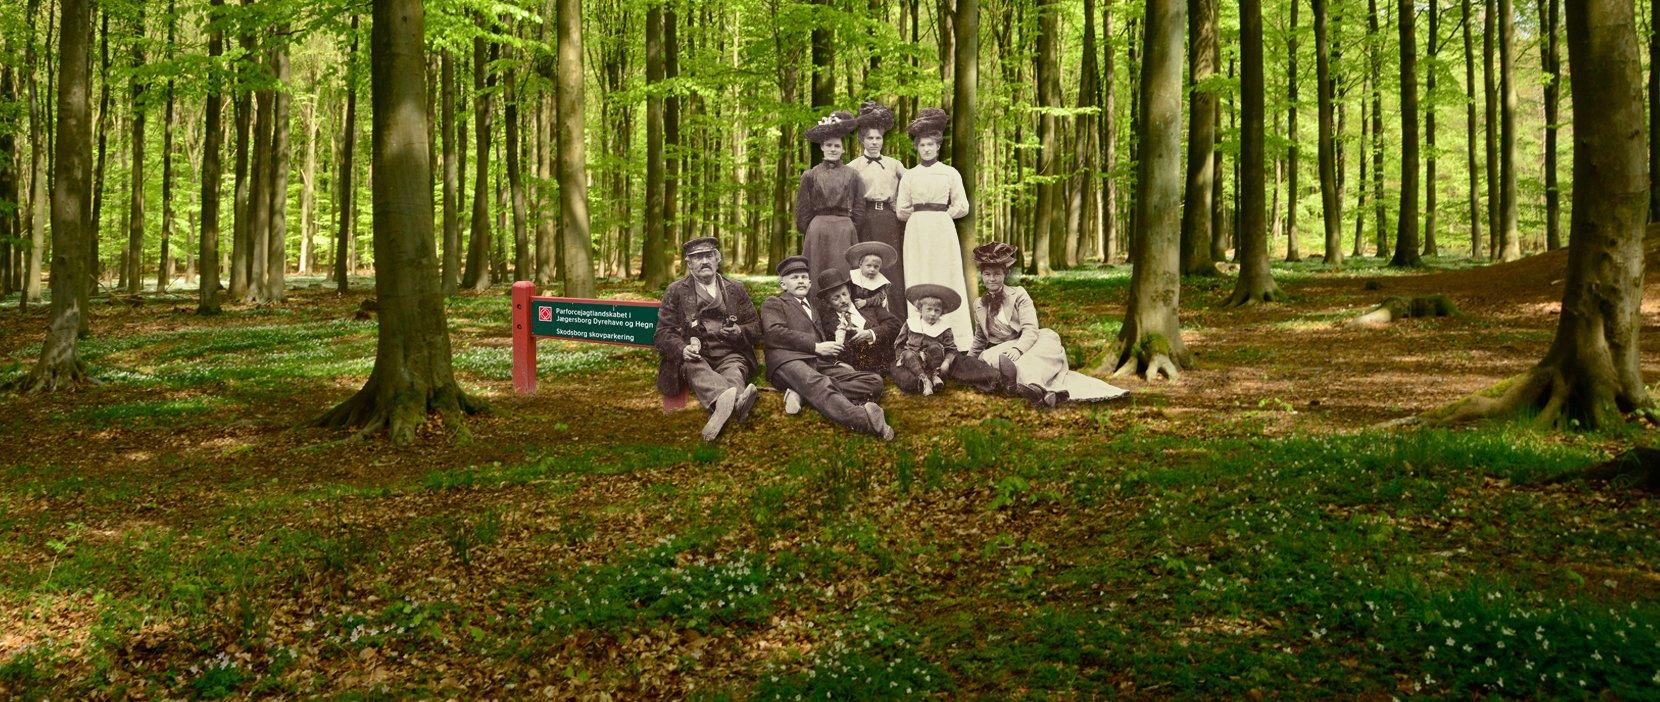 Kongens skov Folkets skov plakat